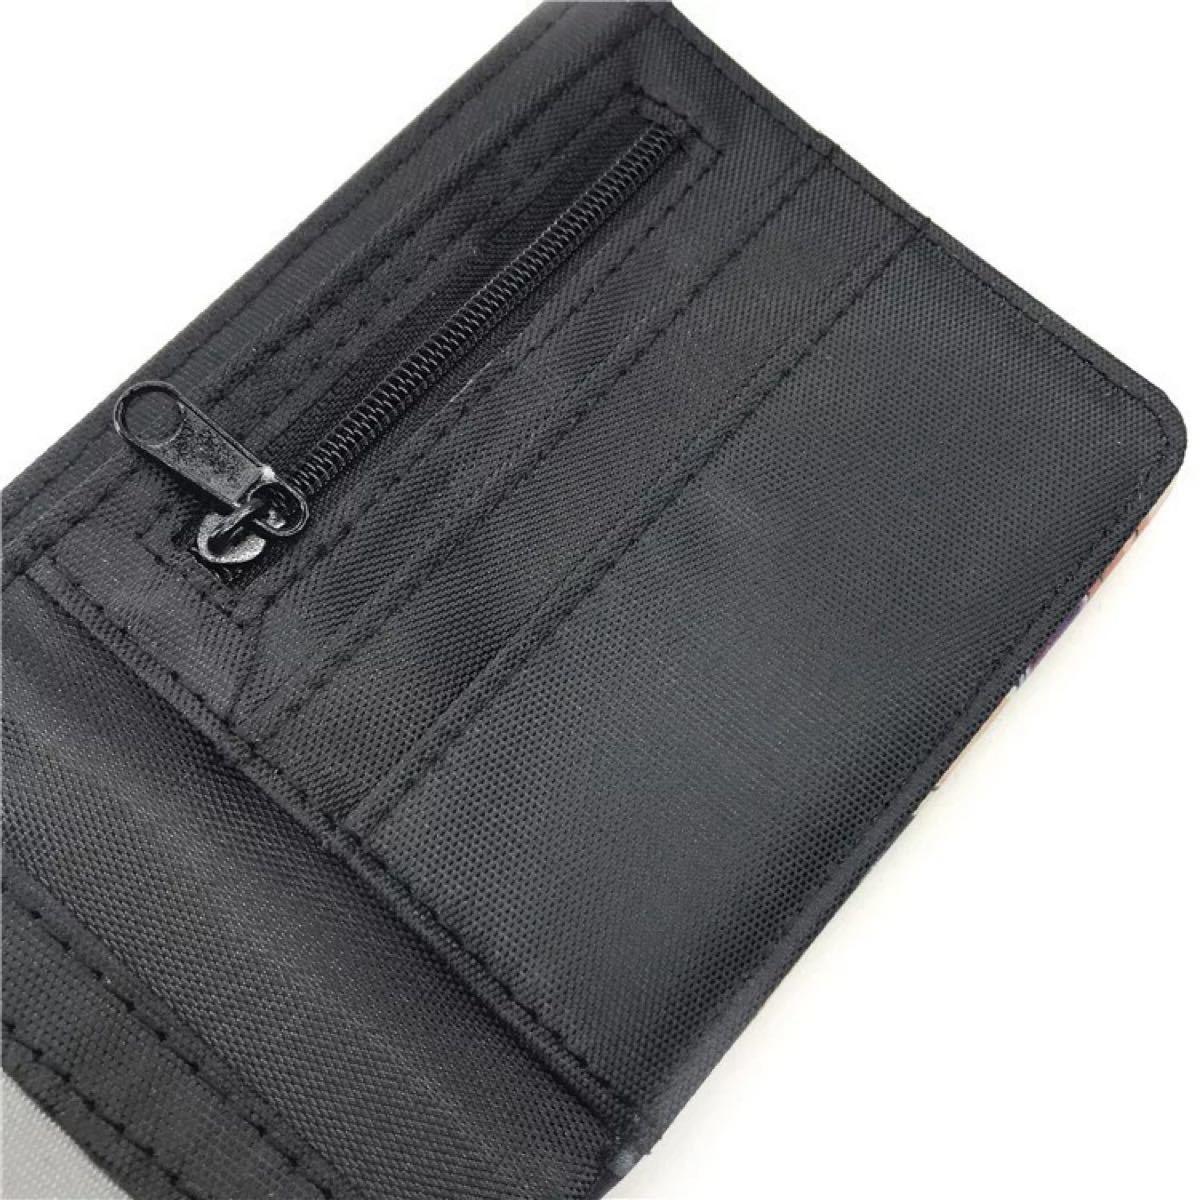 鬼滅ノ刃 きめつのやいば 二つ折り財布【新品未開封】鬼滅の刃 しのぶ 財布